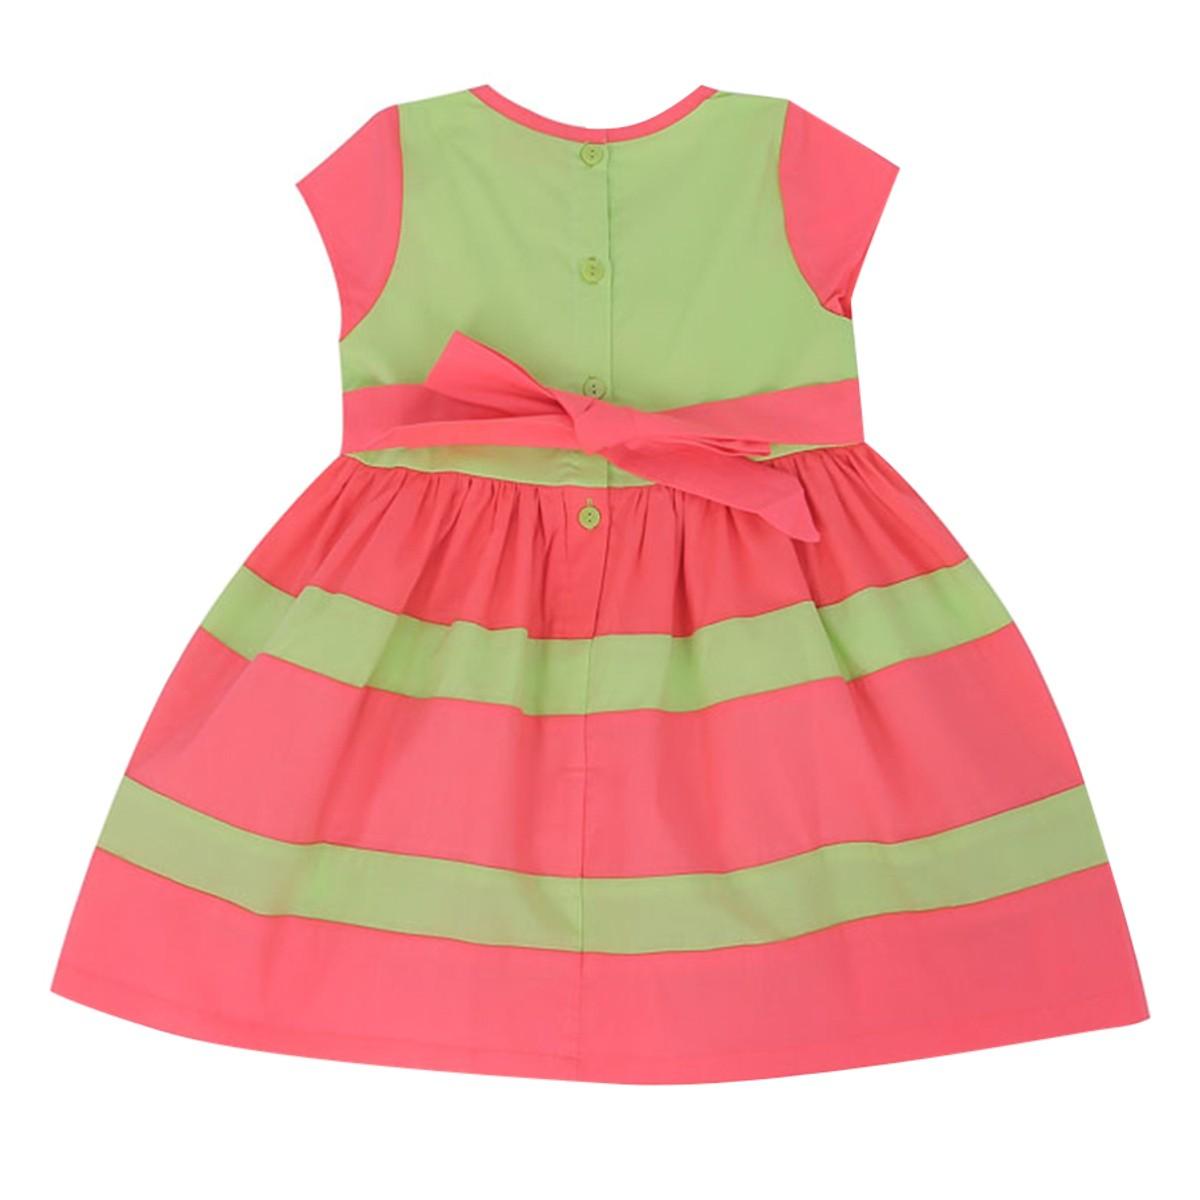 Đầm Trẻ Em Tay Ngắn VTA Kids BG70810-XL10 - Xanh lá